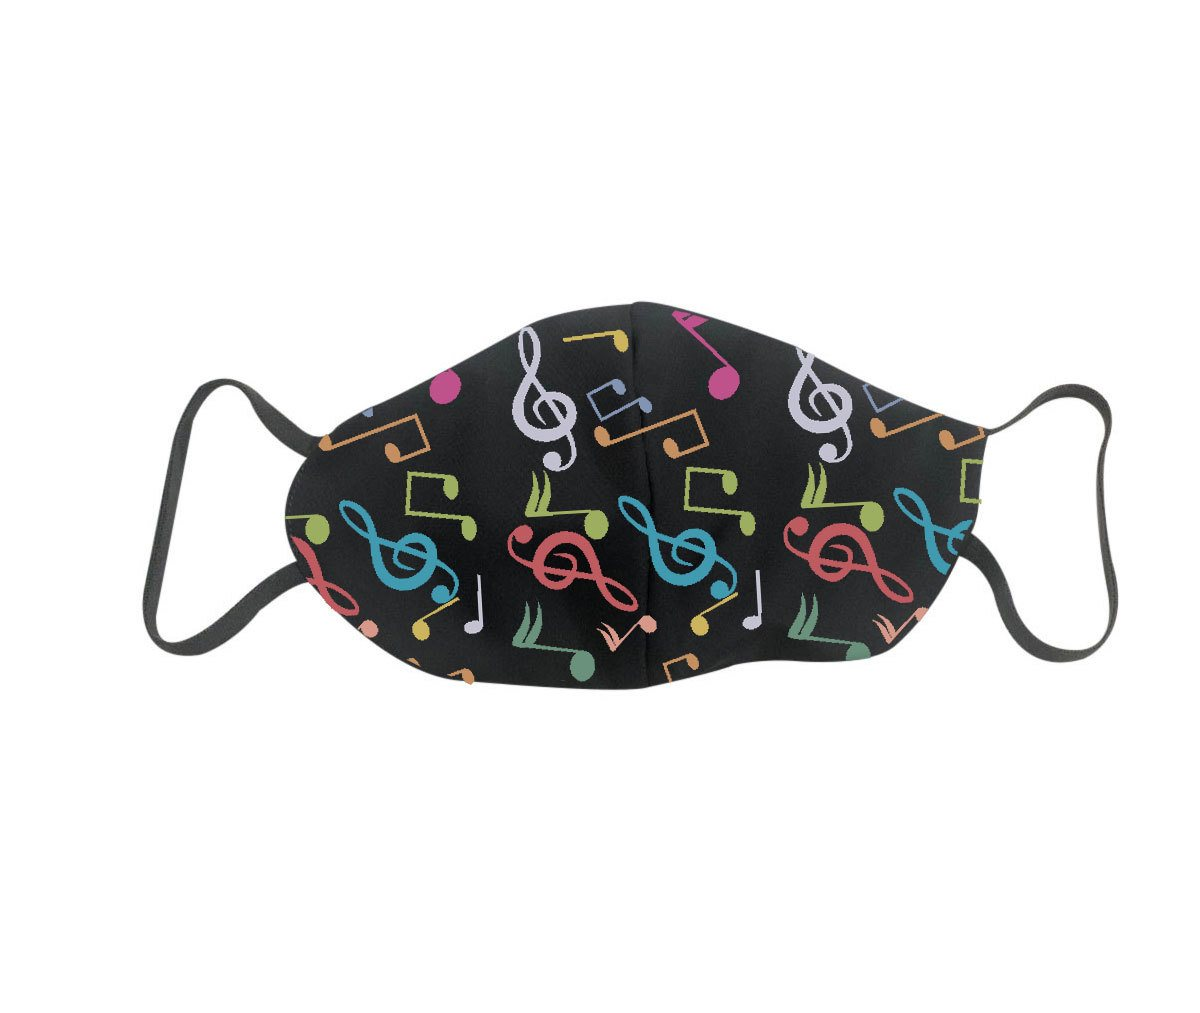 Máscara de Proteção lavável reutilizável em tecido poliéster com elástico - Kit com 3 unidades